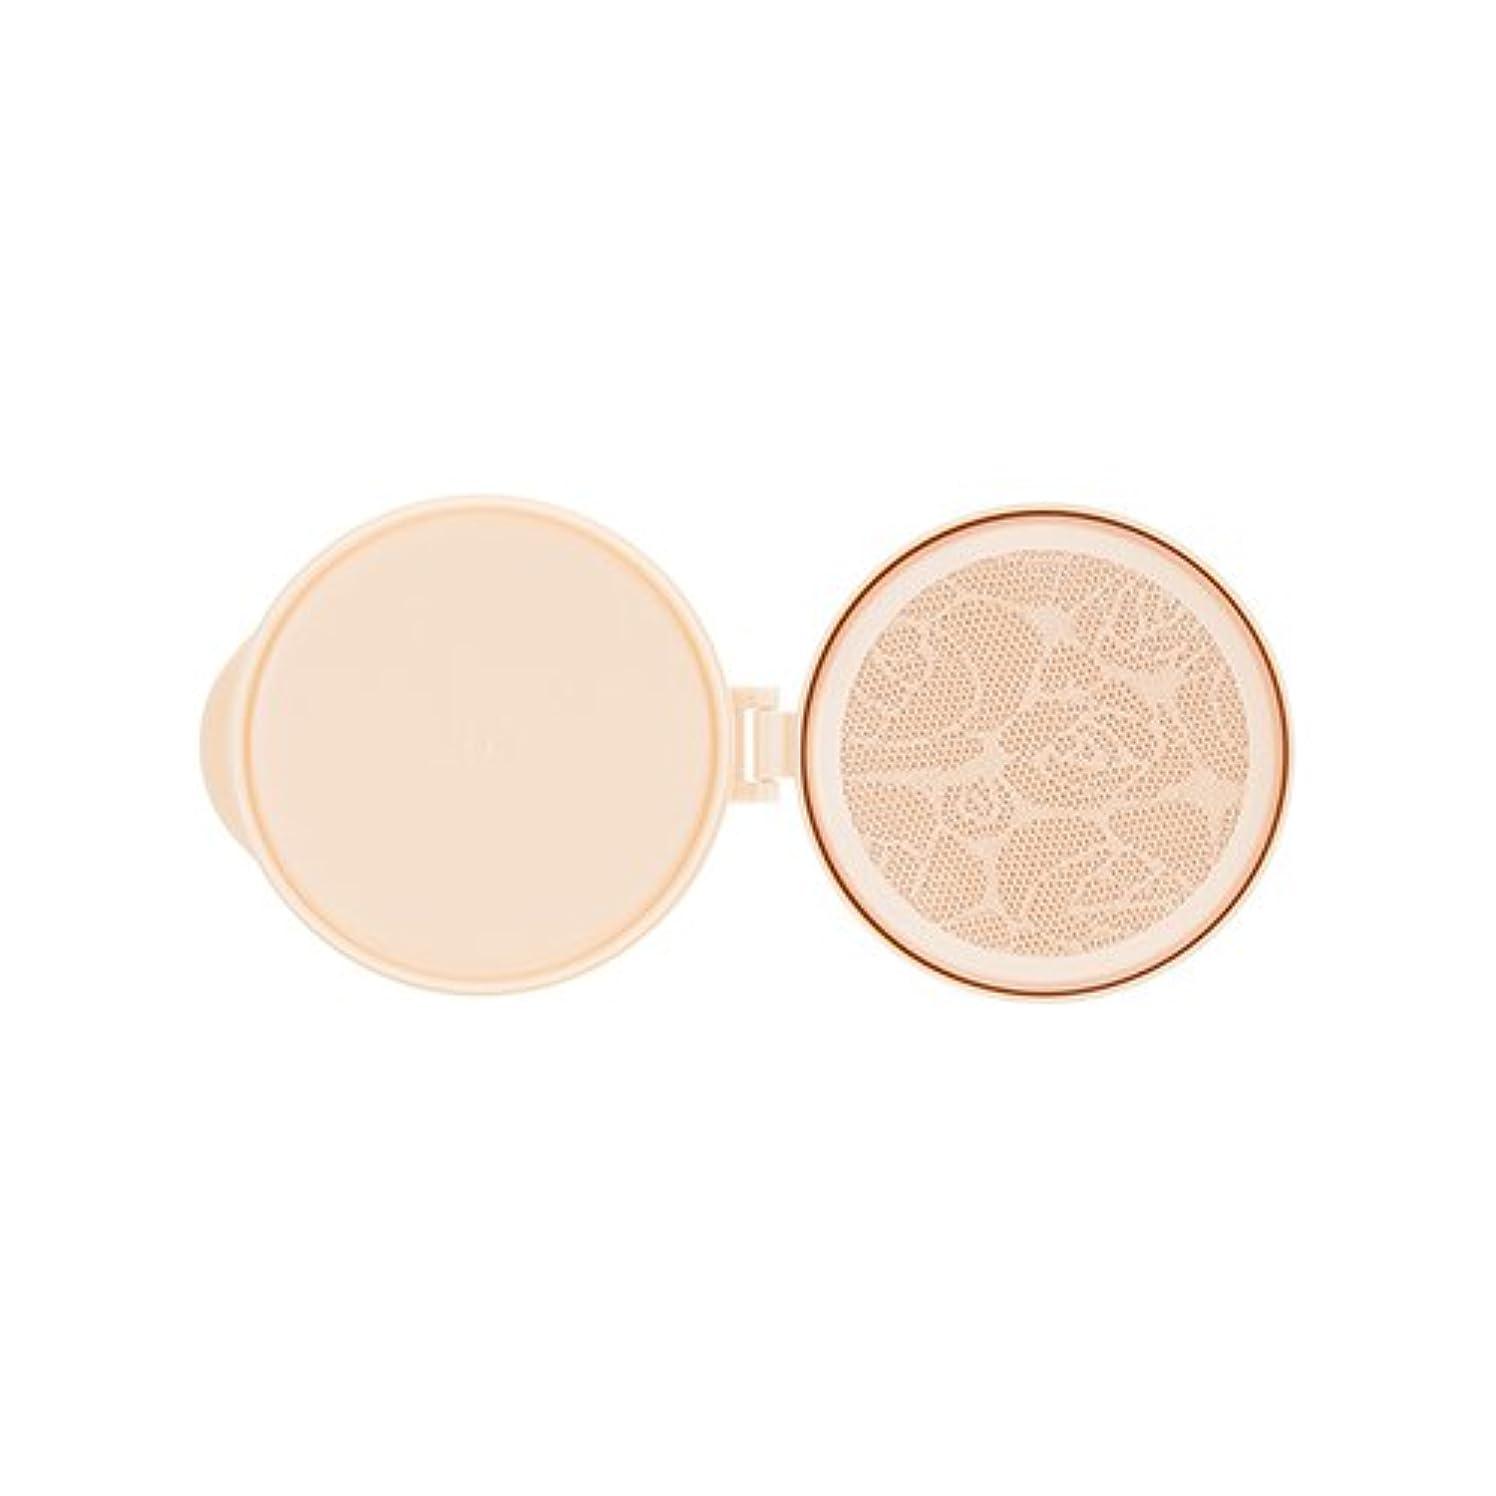 何もない呼び出す分泌する[New] MISSHA Misa Geumseol Tension Pact [Refill] 17g/ミシャ 美思 金雪(クムソル) テンション パクト [リフィル] 17g (#2 Soft Light) [並行輸入品]